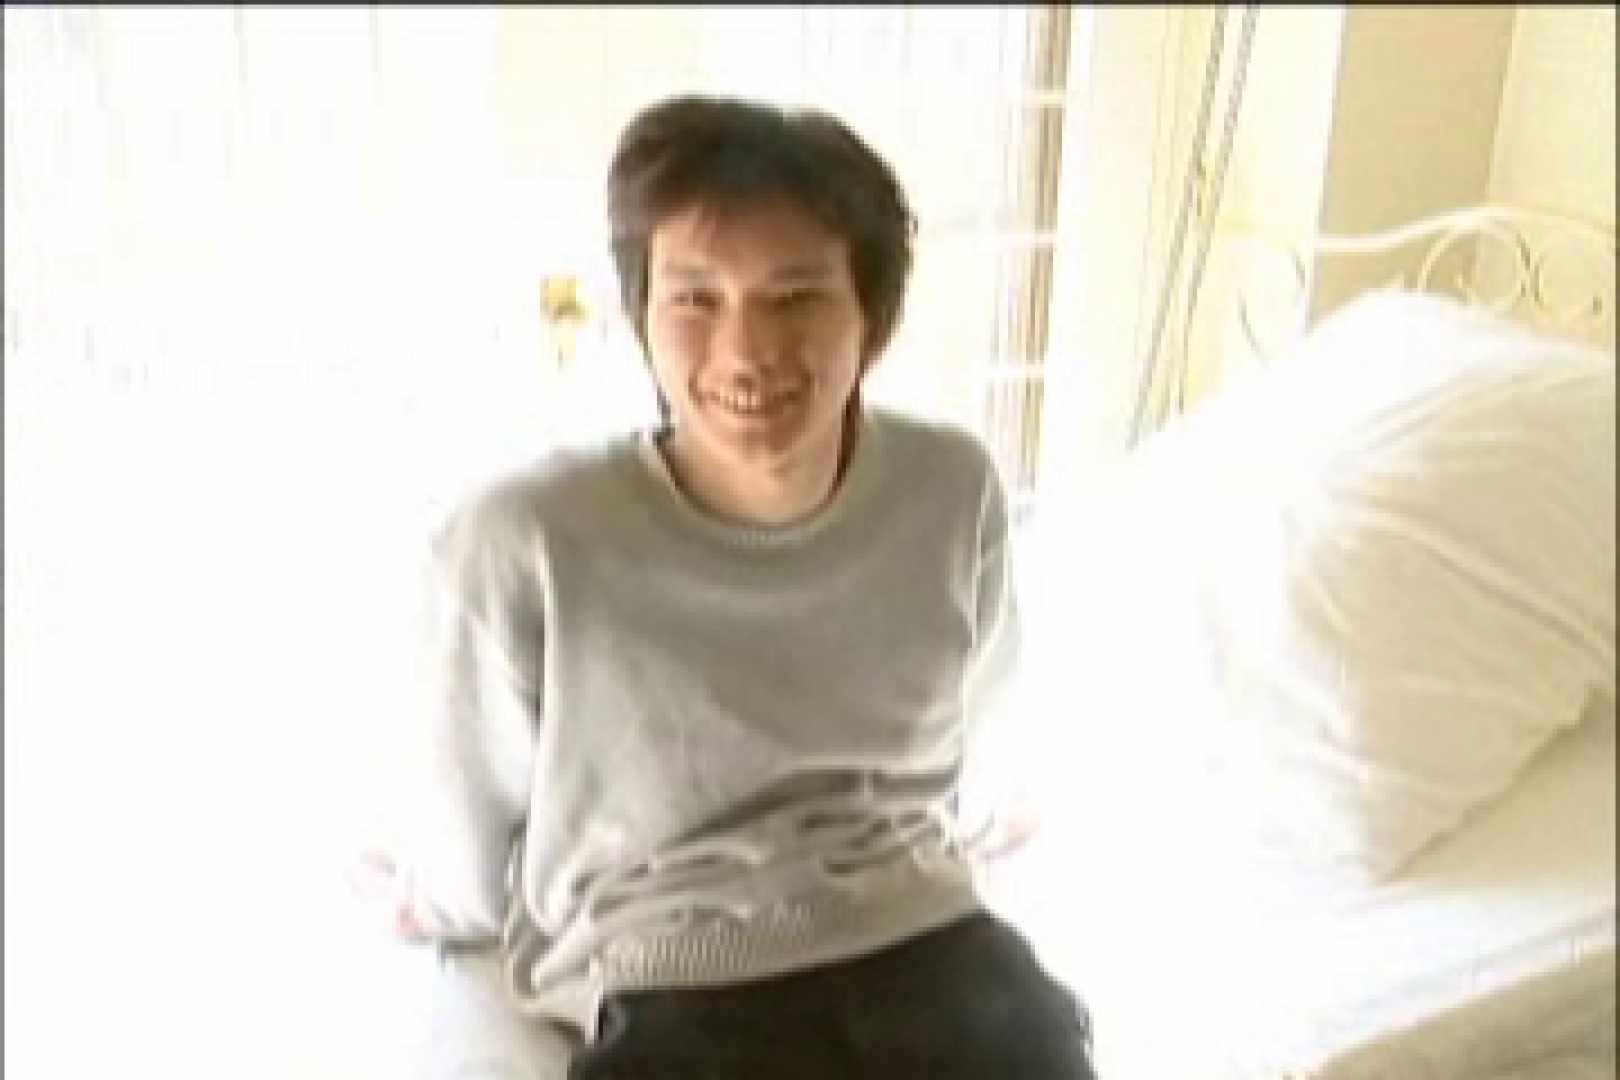 イケメン☆パラダイス〜男ざかりの君たちへ〜vol.26 男どうし 男同士動画 95pic 28